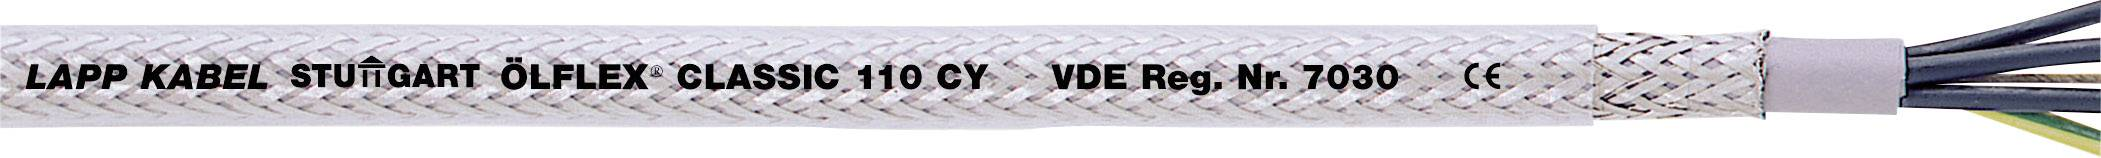 Řídicí kabel LAPP ÖLFLEX® CLASSIC 110 CY 1135403, 3 G 2.50 mm², vnější Ø 10.30 mm, transparentní, metrové zboží